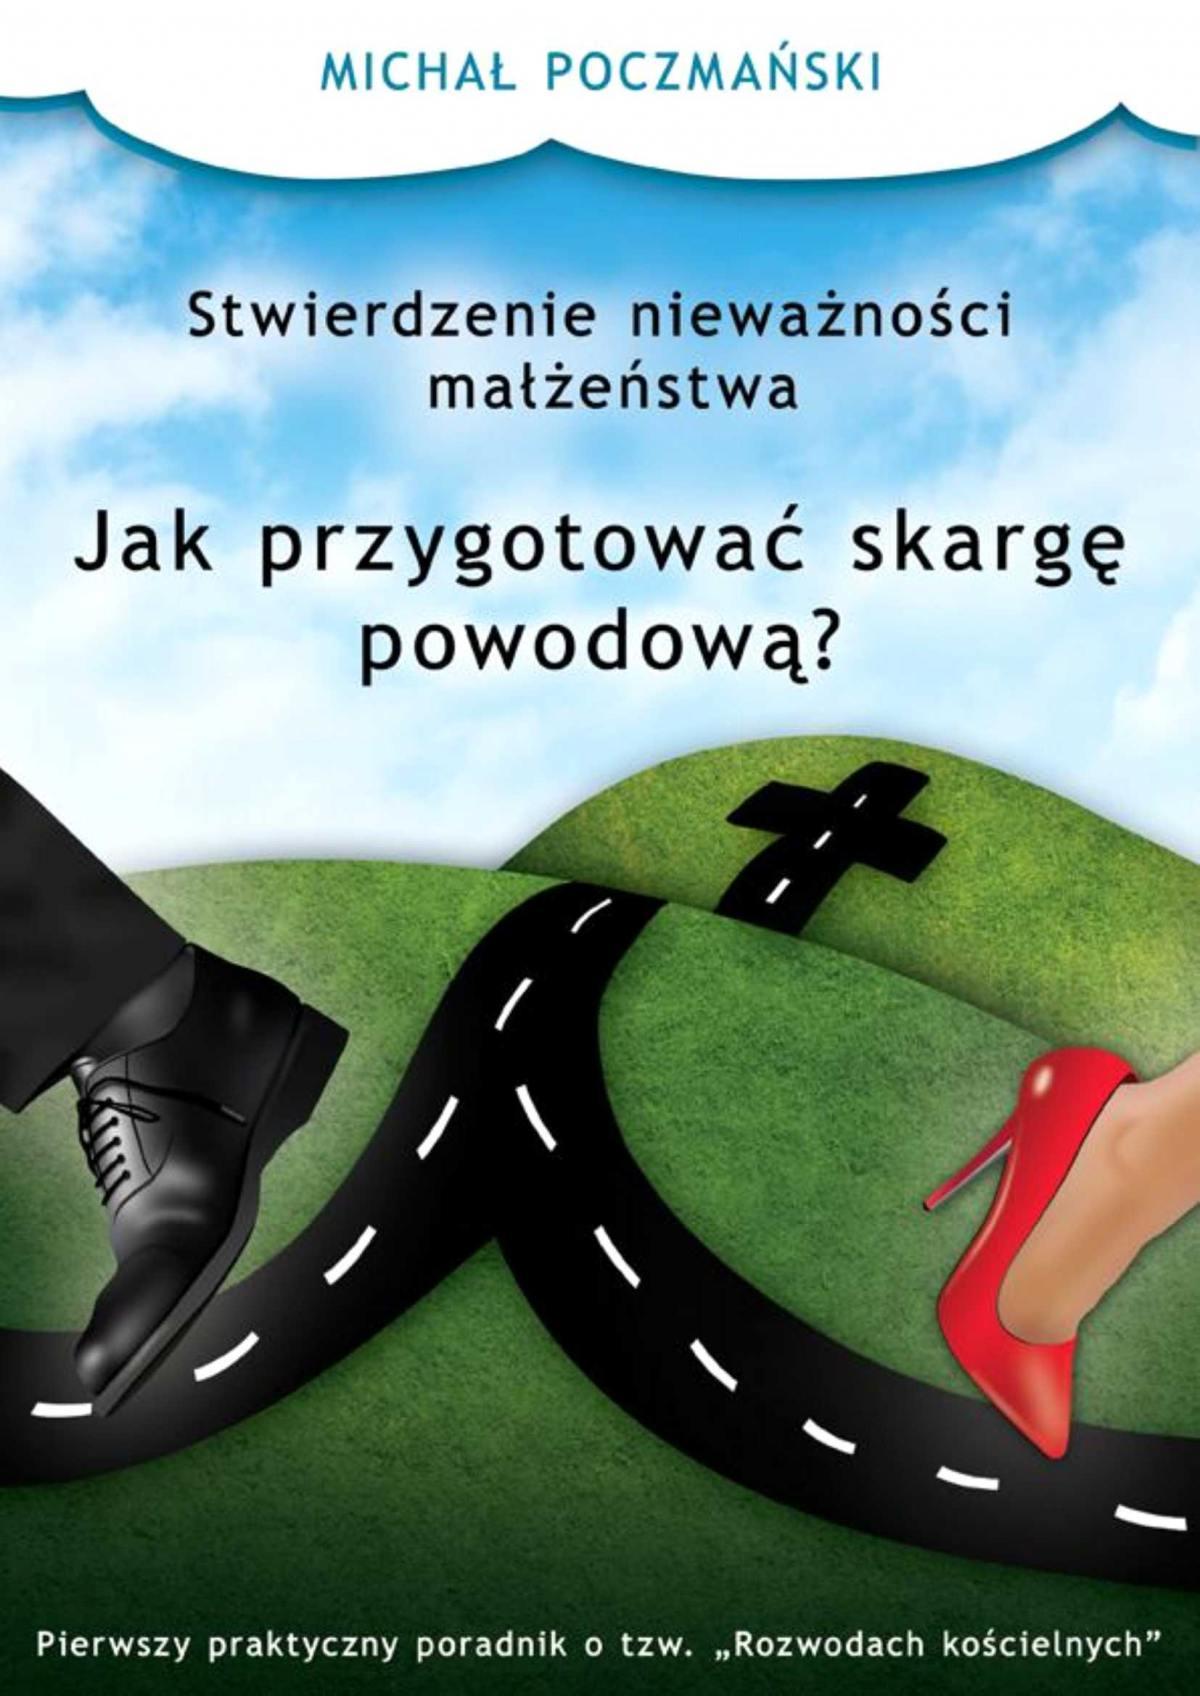 Stwierdzenie nieważności małżeństwa. Jak przygotować skargę powodową? - Ebook (Książka EPUB) do pobrania w formacie EPUB